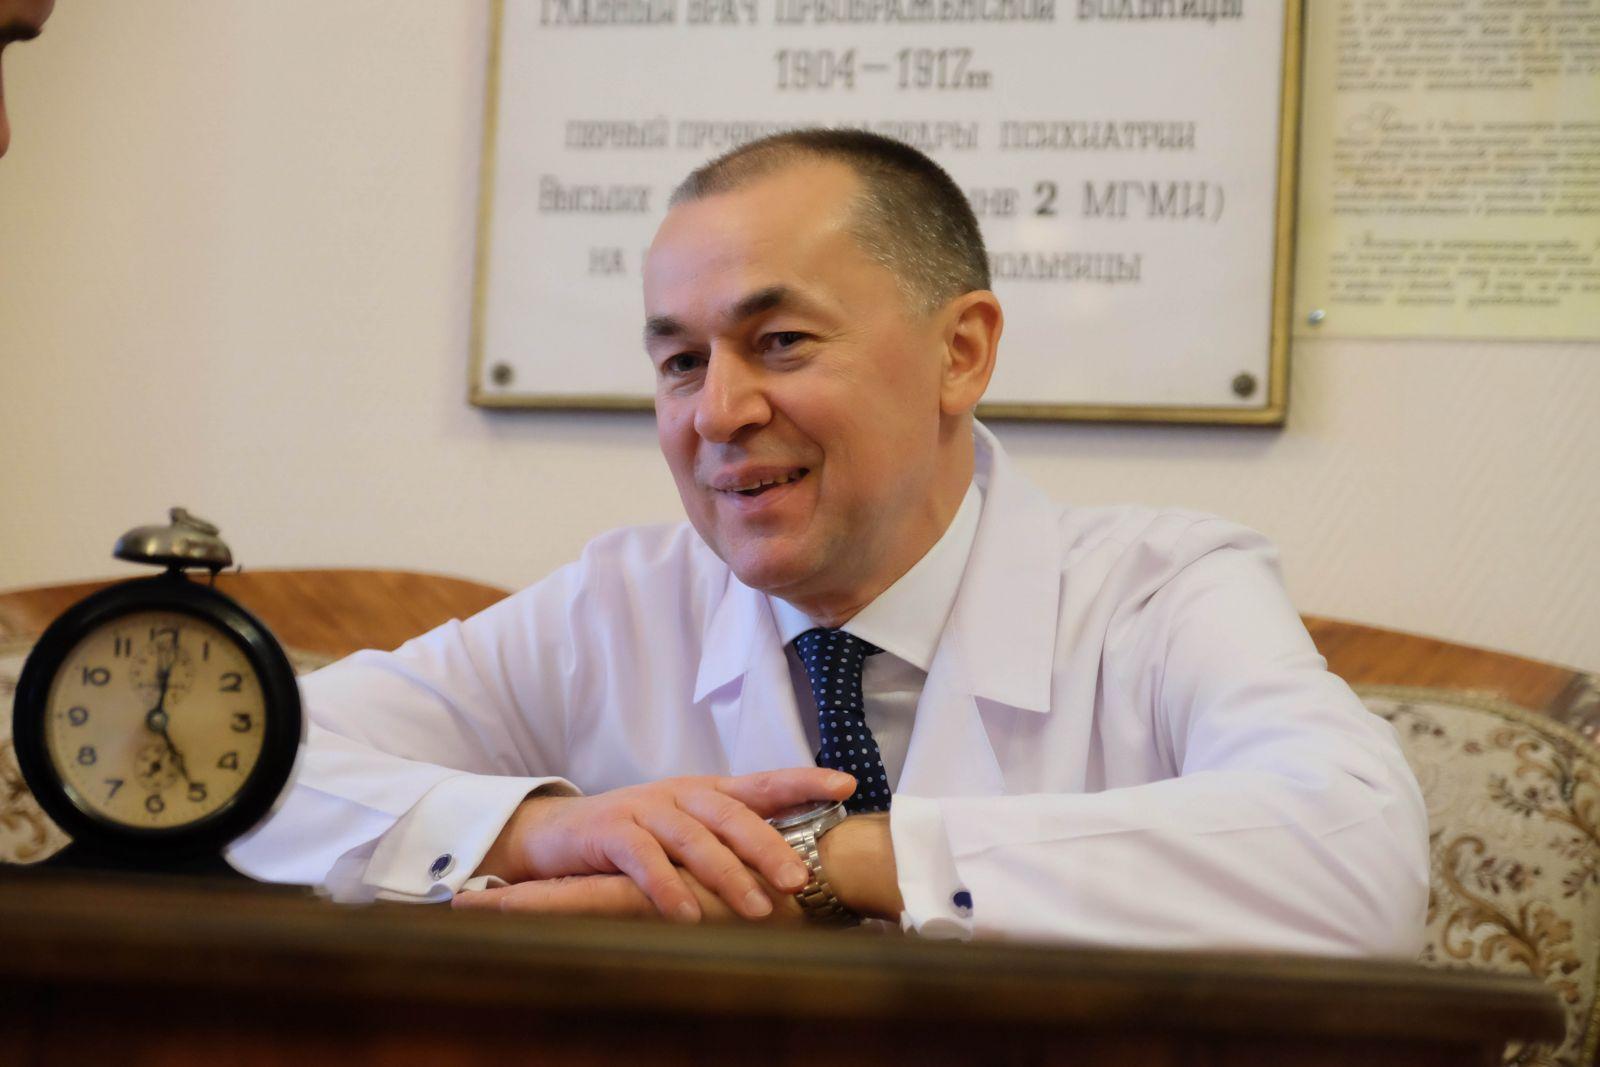 Георгий Костюк: Нейронауке без клиницистов не разобраться в шизофрении